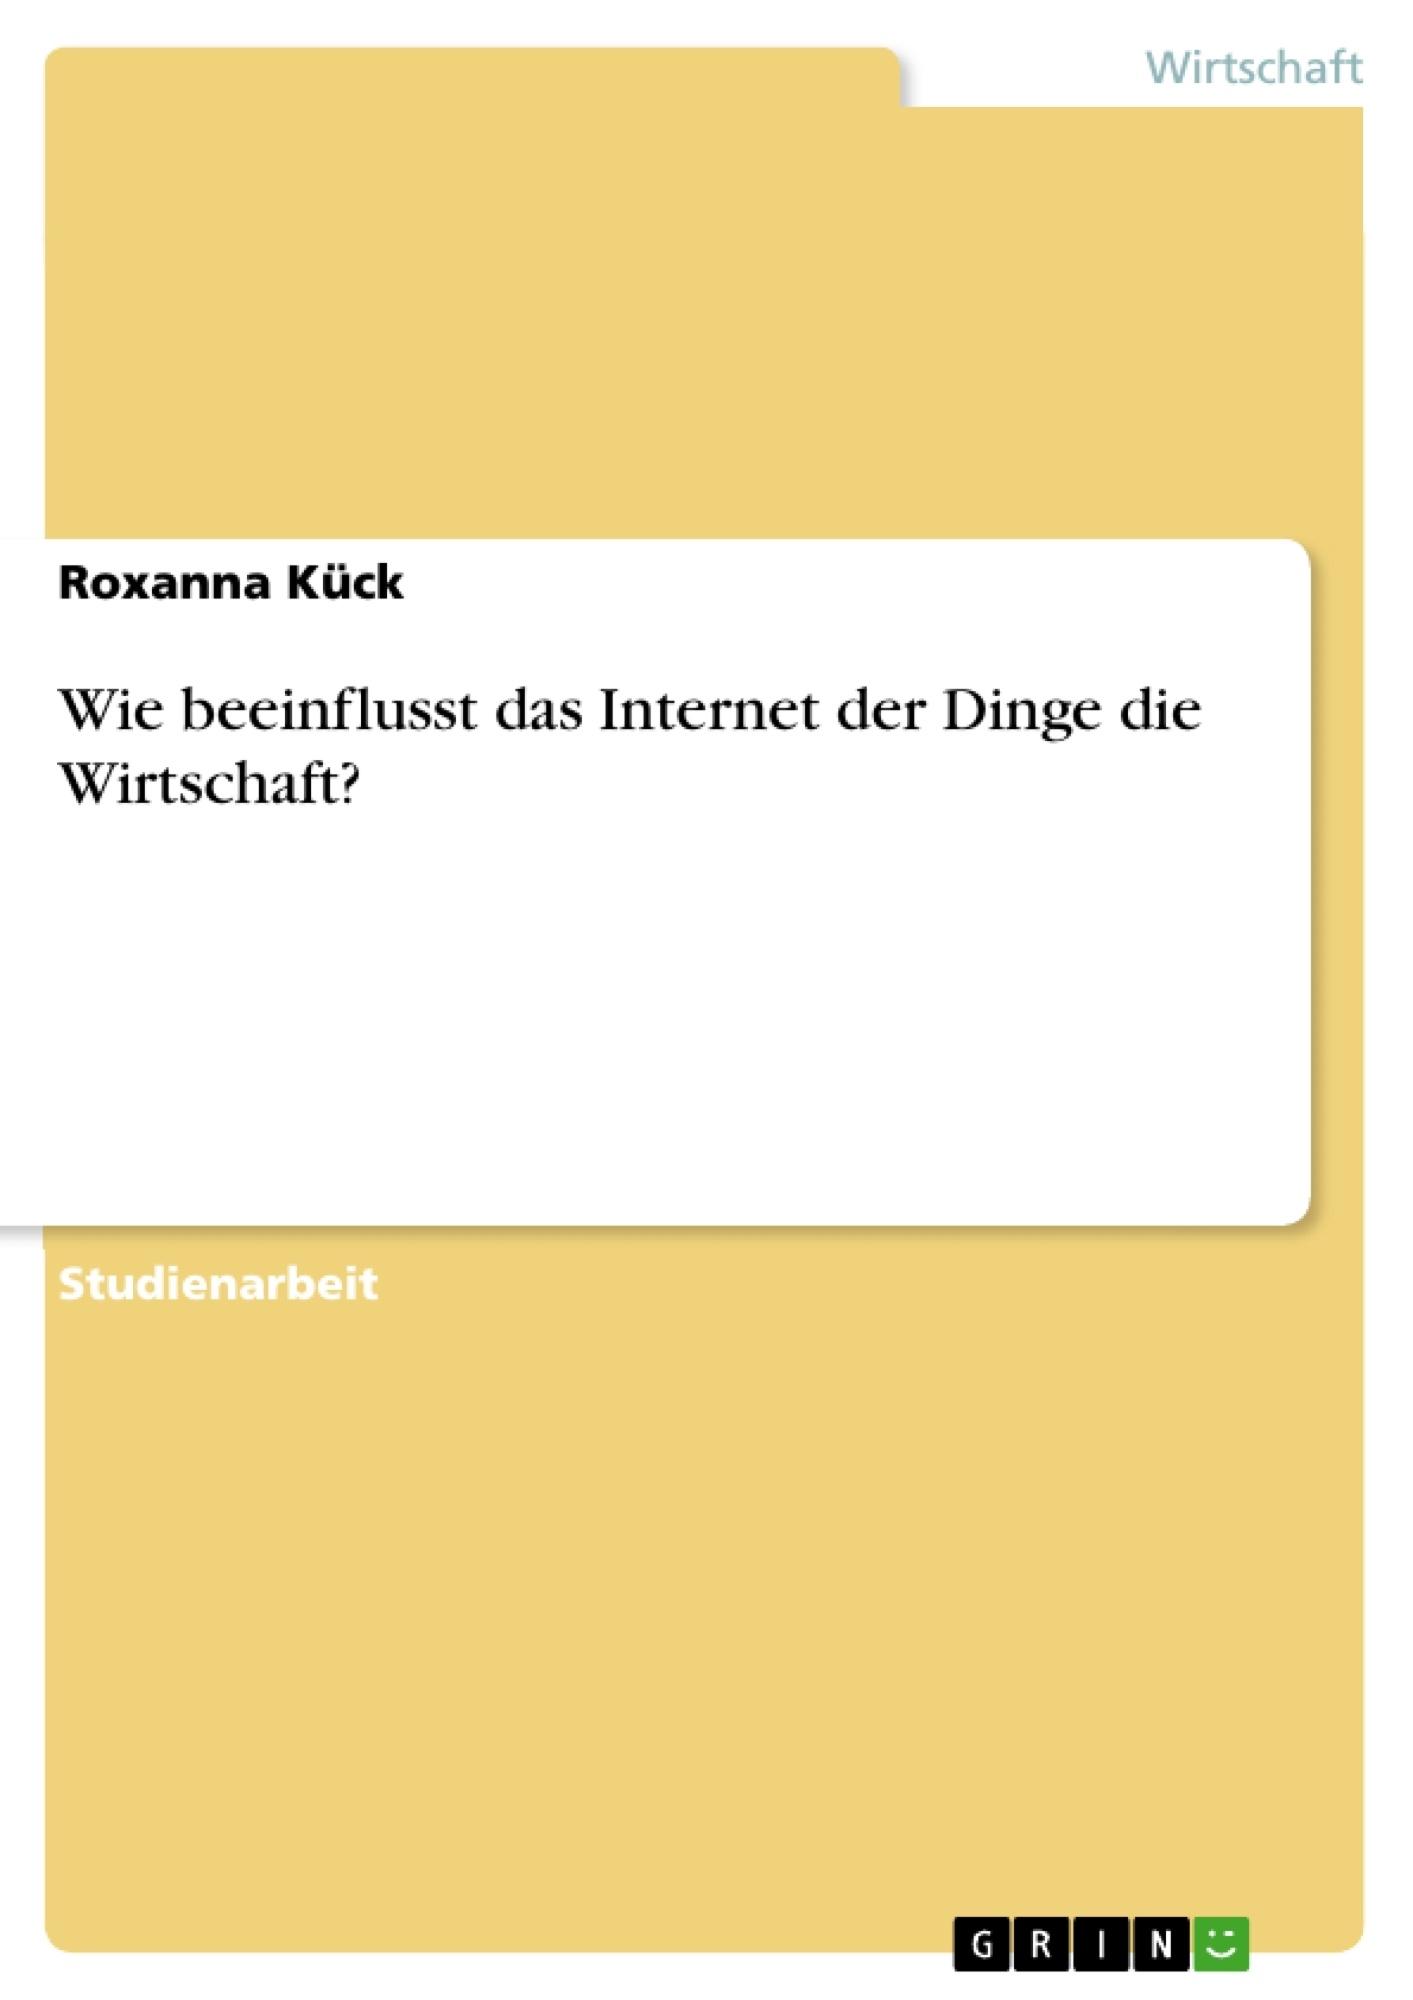 Titel: Wie beeinflusst das Internet der Dinge die Wirtschaft?